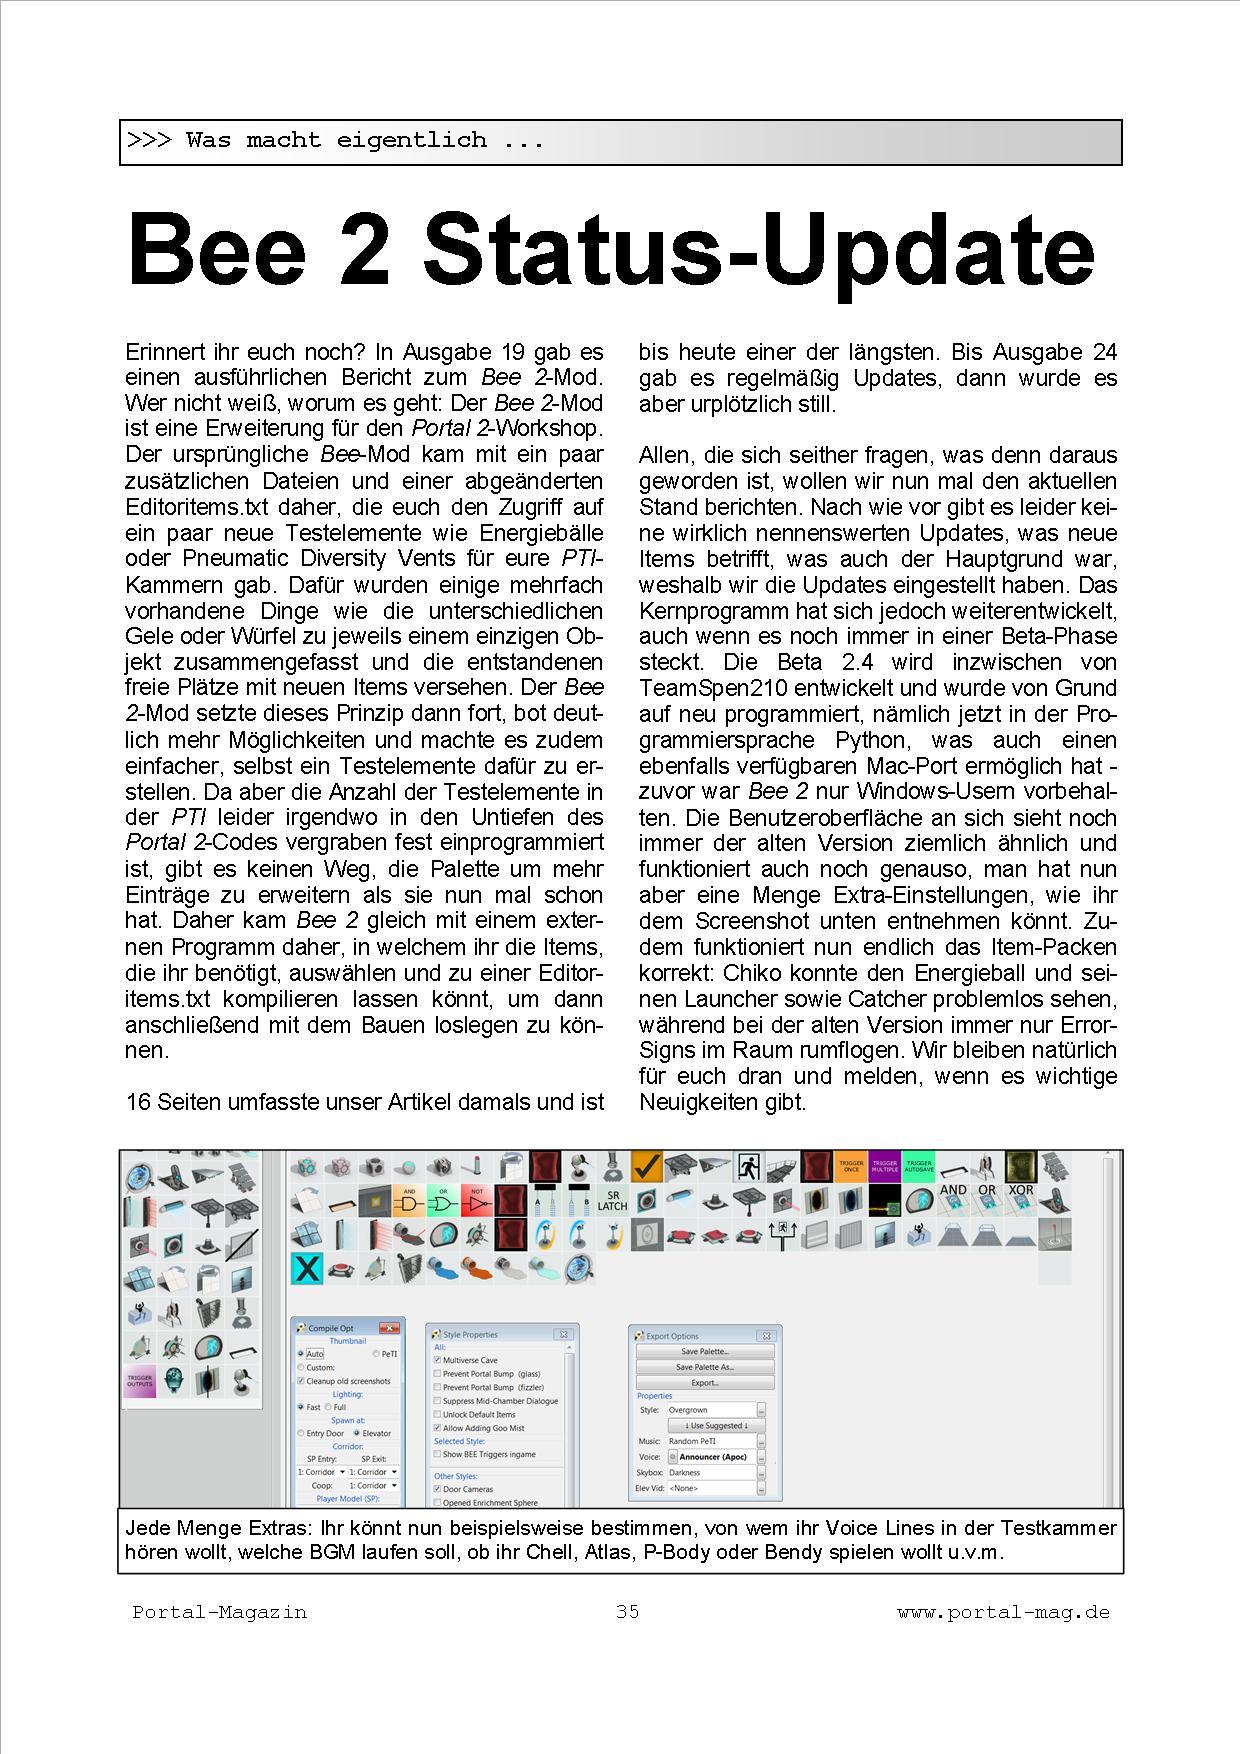 Ausgabe 32, Seite 35